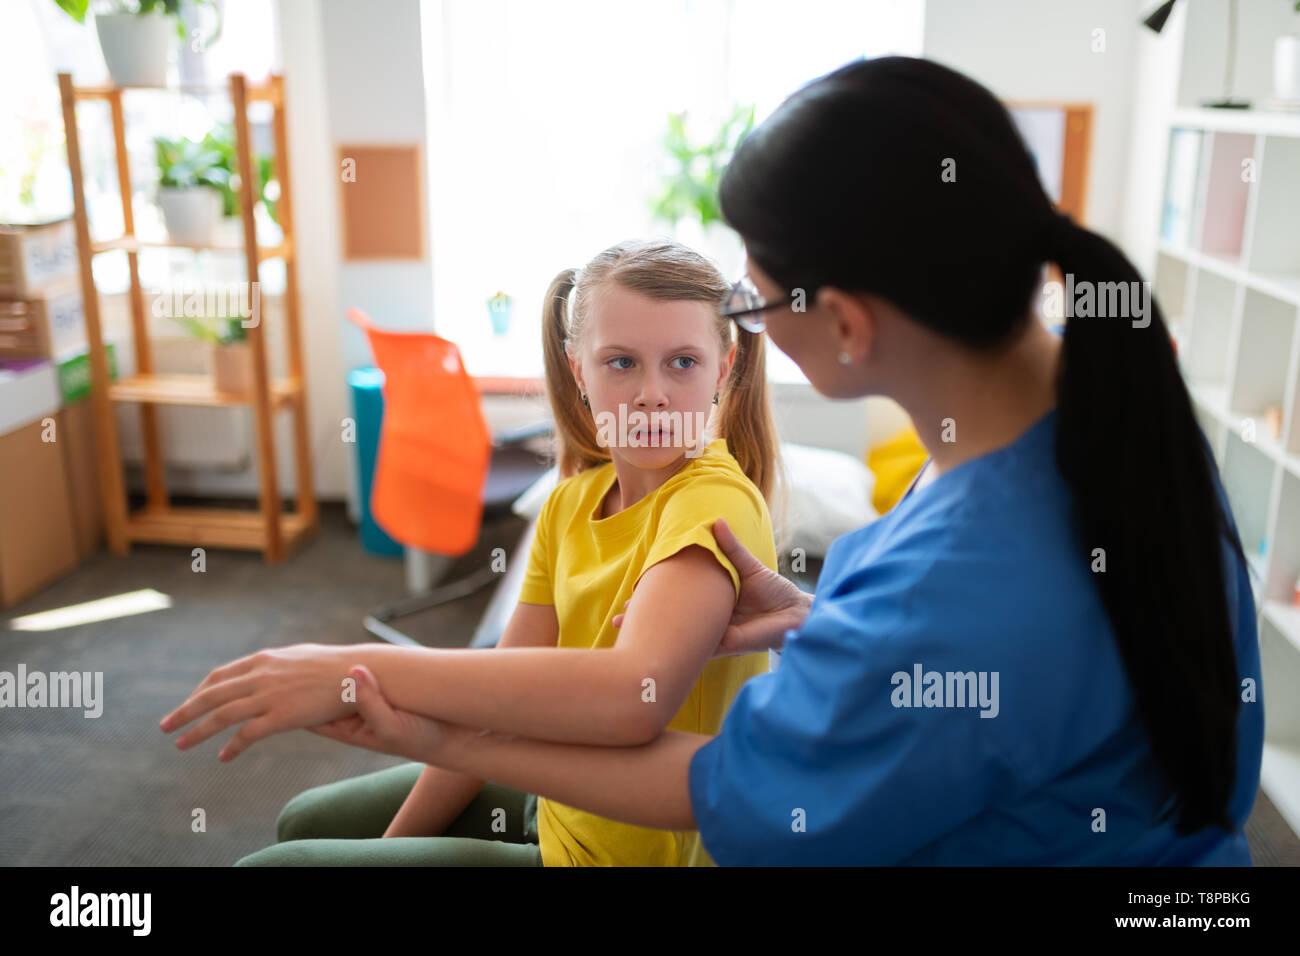 Peur blonde girl in yellow t-shirt assis dans le cabinet médical Banque D'Images